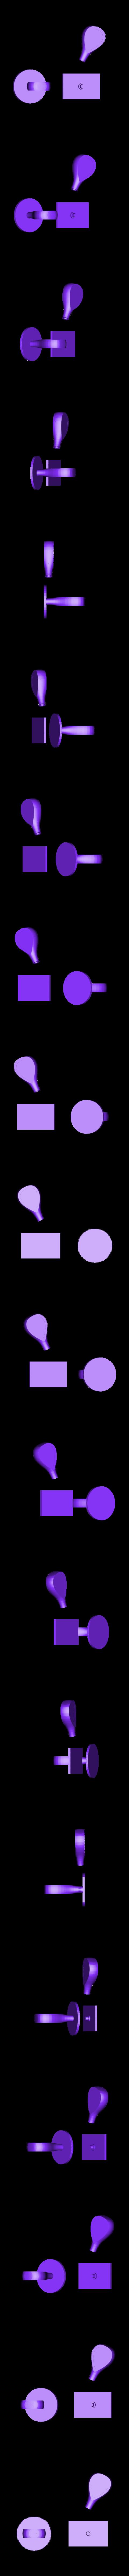 stamphandle-white1.stl Télécharger fichier STL gratuit poignée en polymère / poignée enfichable • Modèle imprimable en 3D, Kaipa